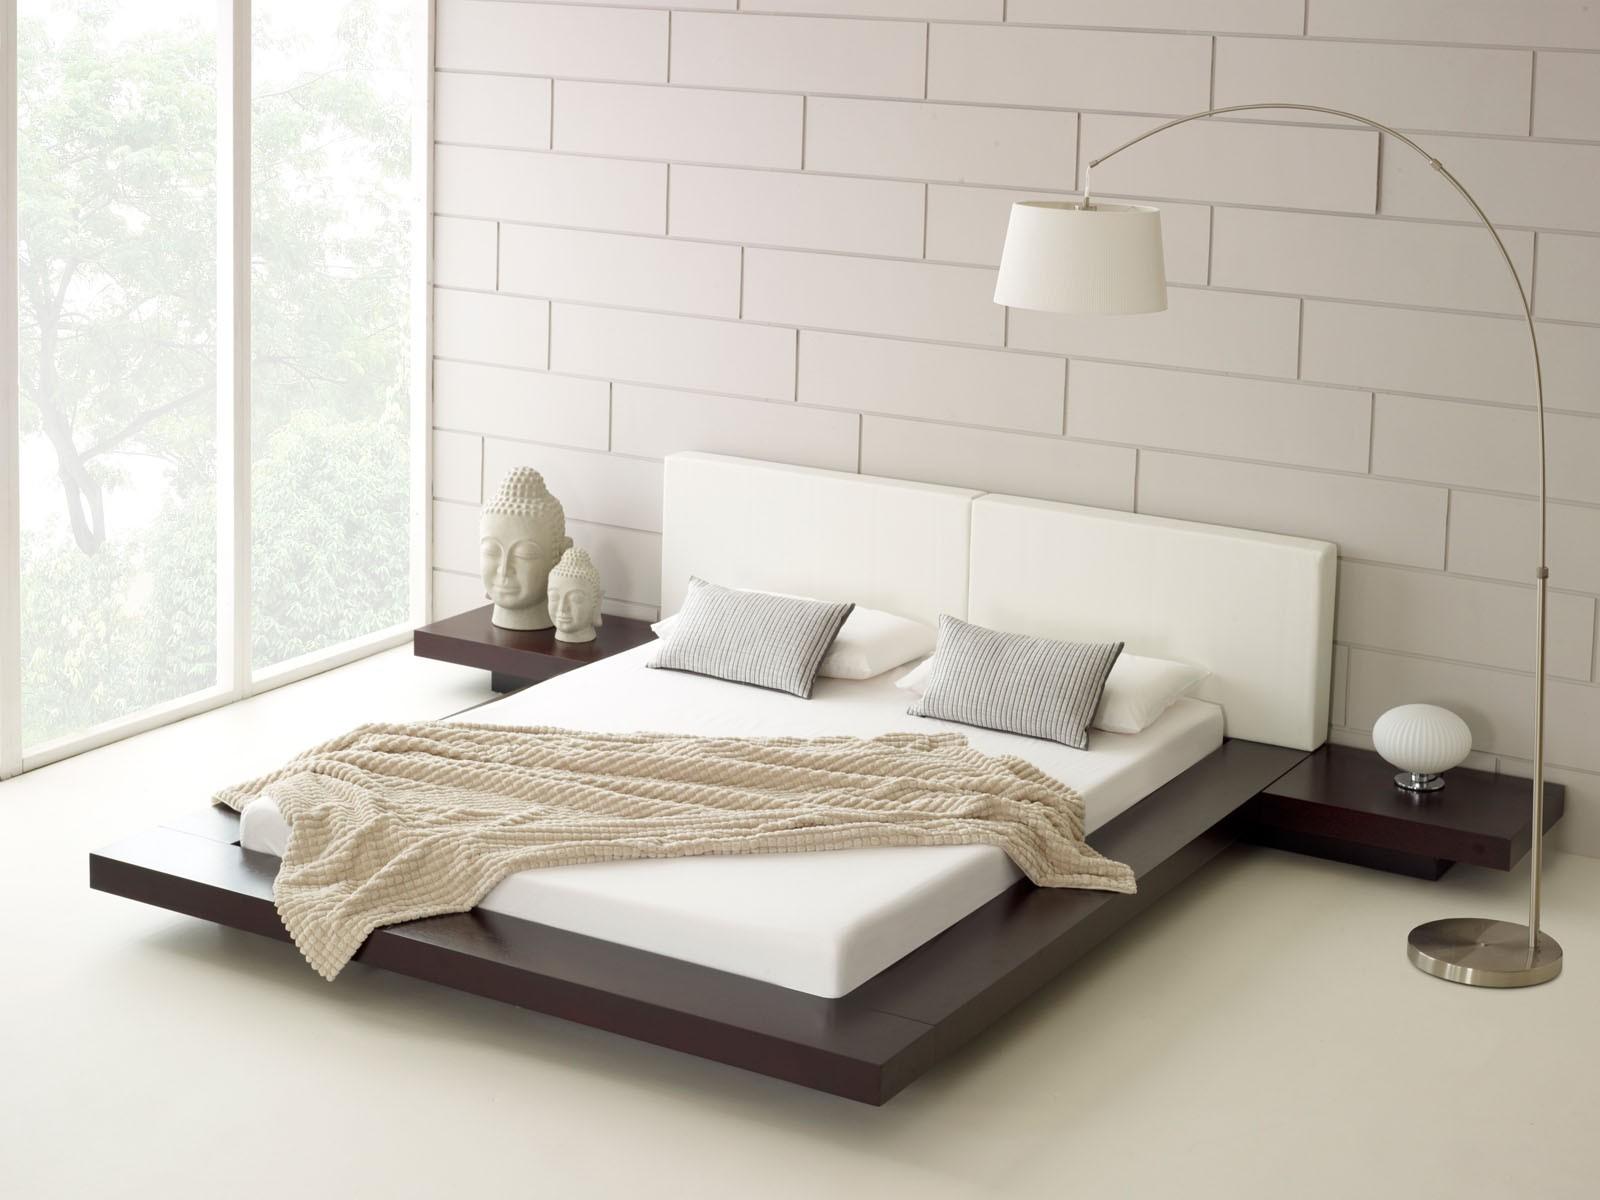 morsom-ikea-senge-sæt-med-moderne skandinavisk-soveværelse-med-suitab-også-værd-lavprofil-platform-seng-og-pacific-kyst-kira-krom-bue-gulv-lampe-also ikea-table-lampe-med-lys